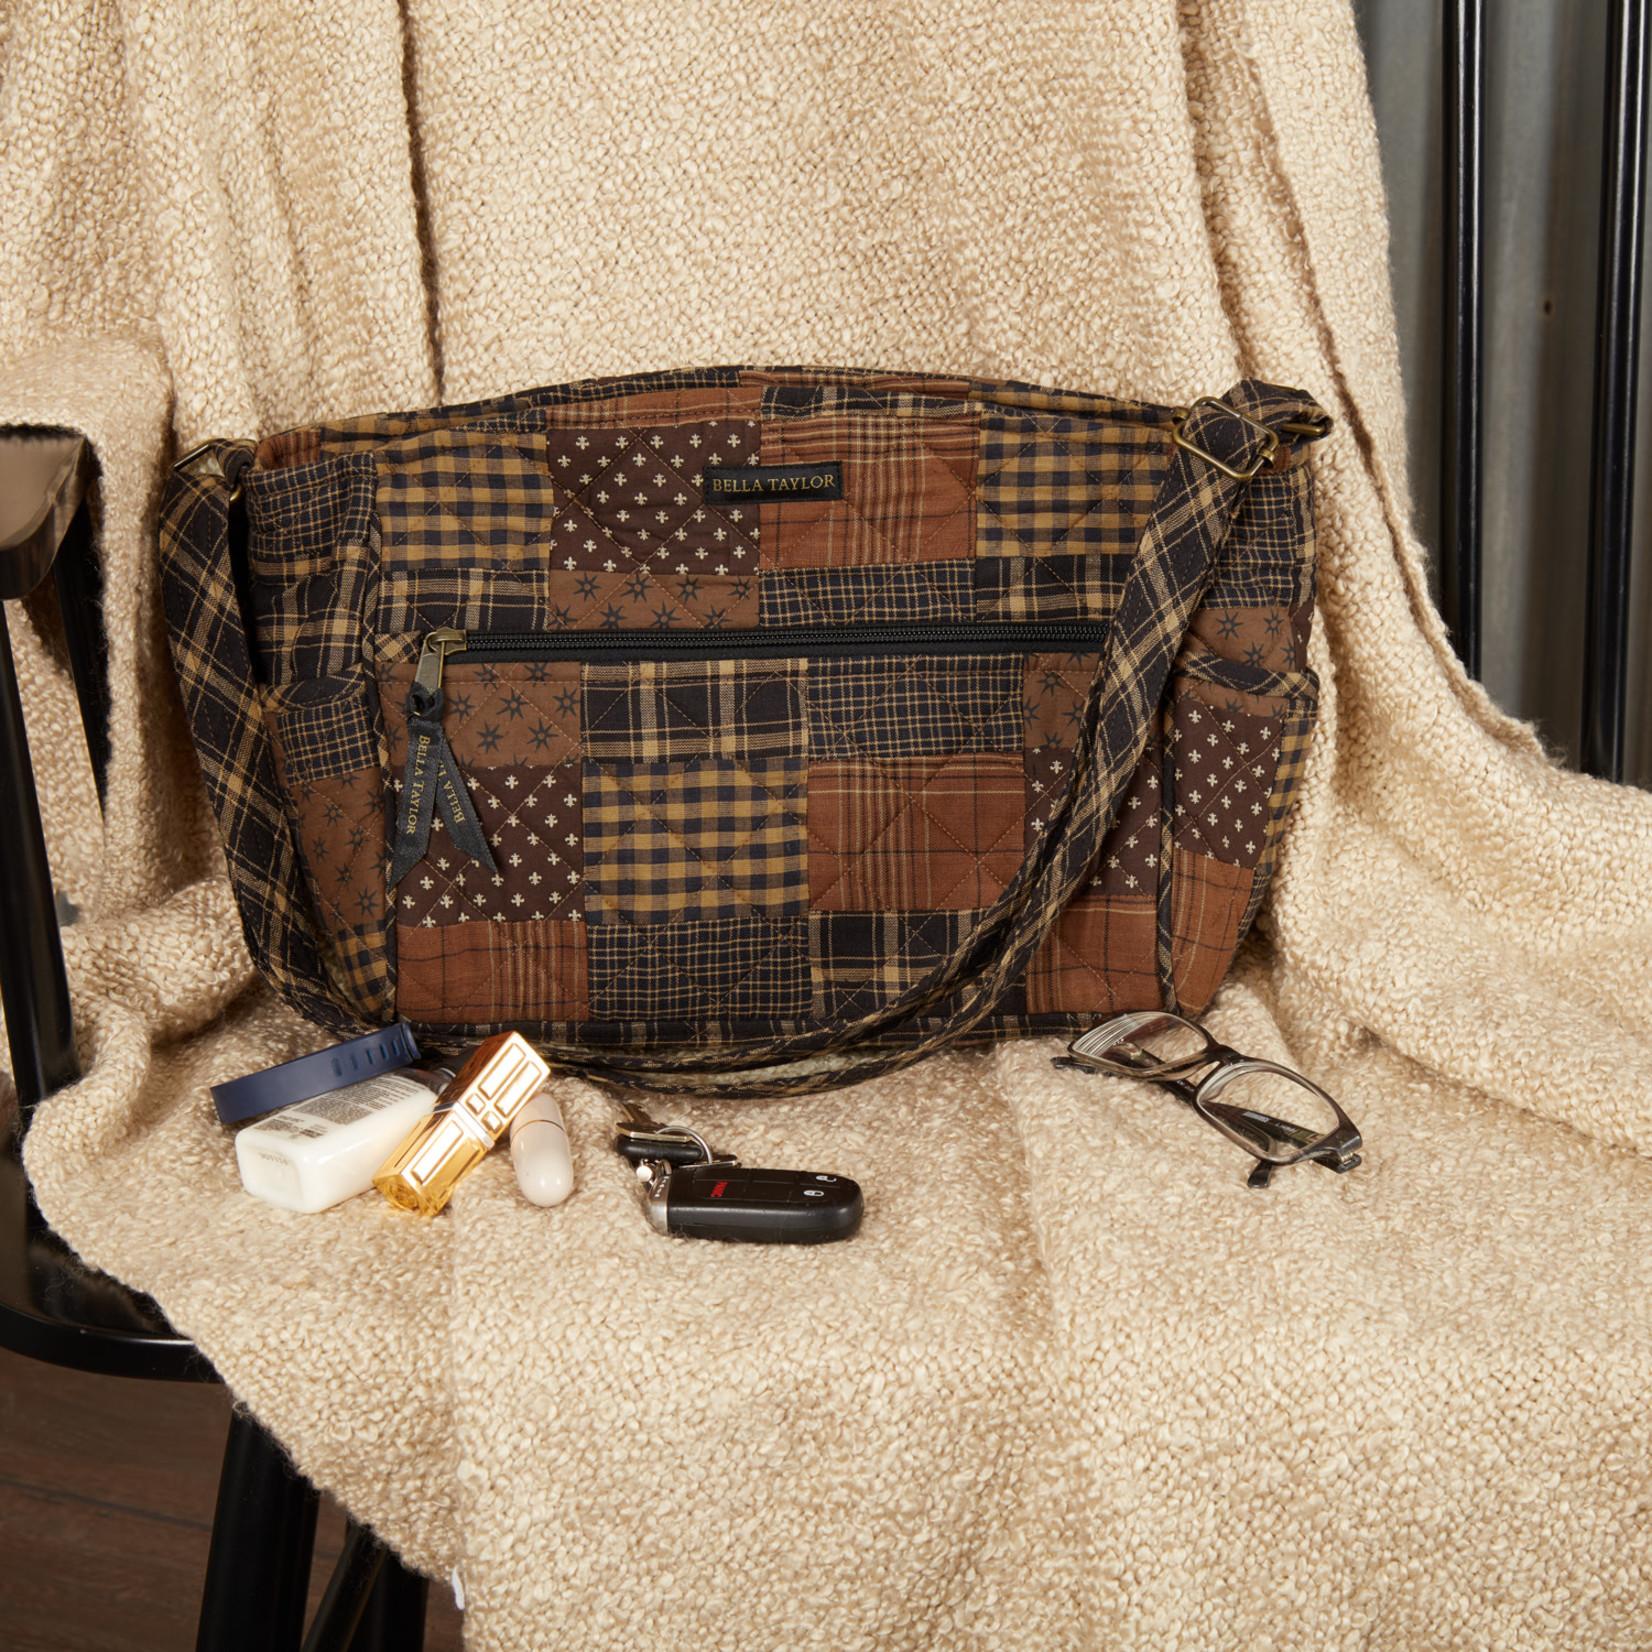 Bella Taylor Ironstone - Claire handbag